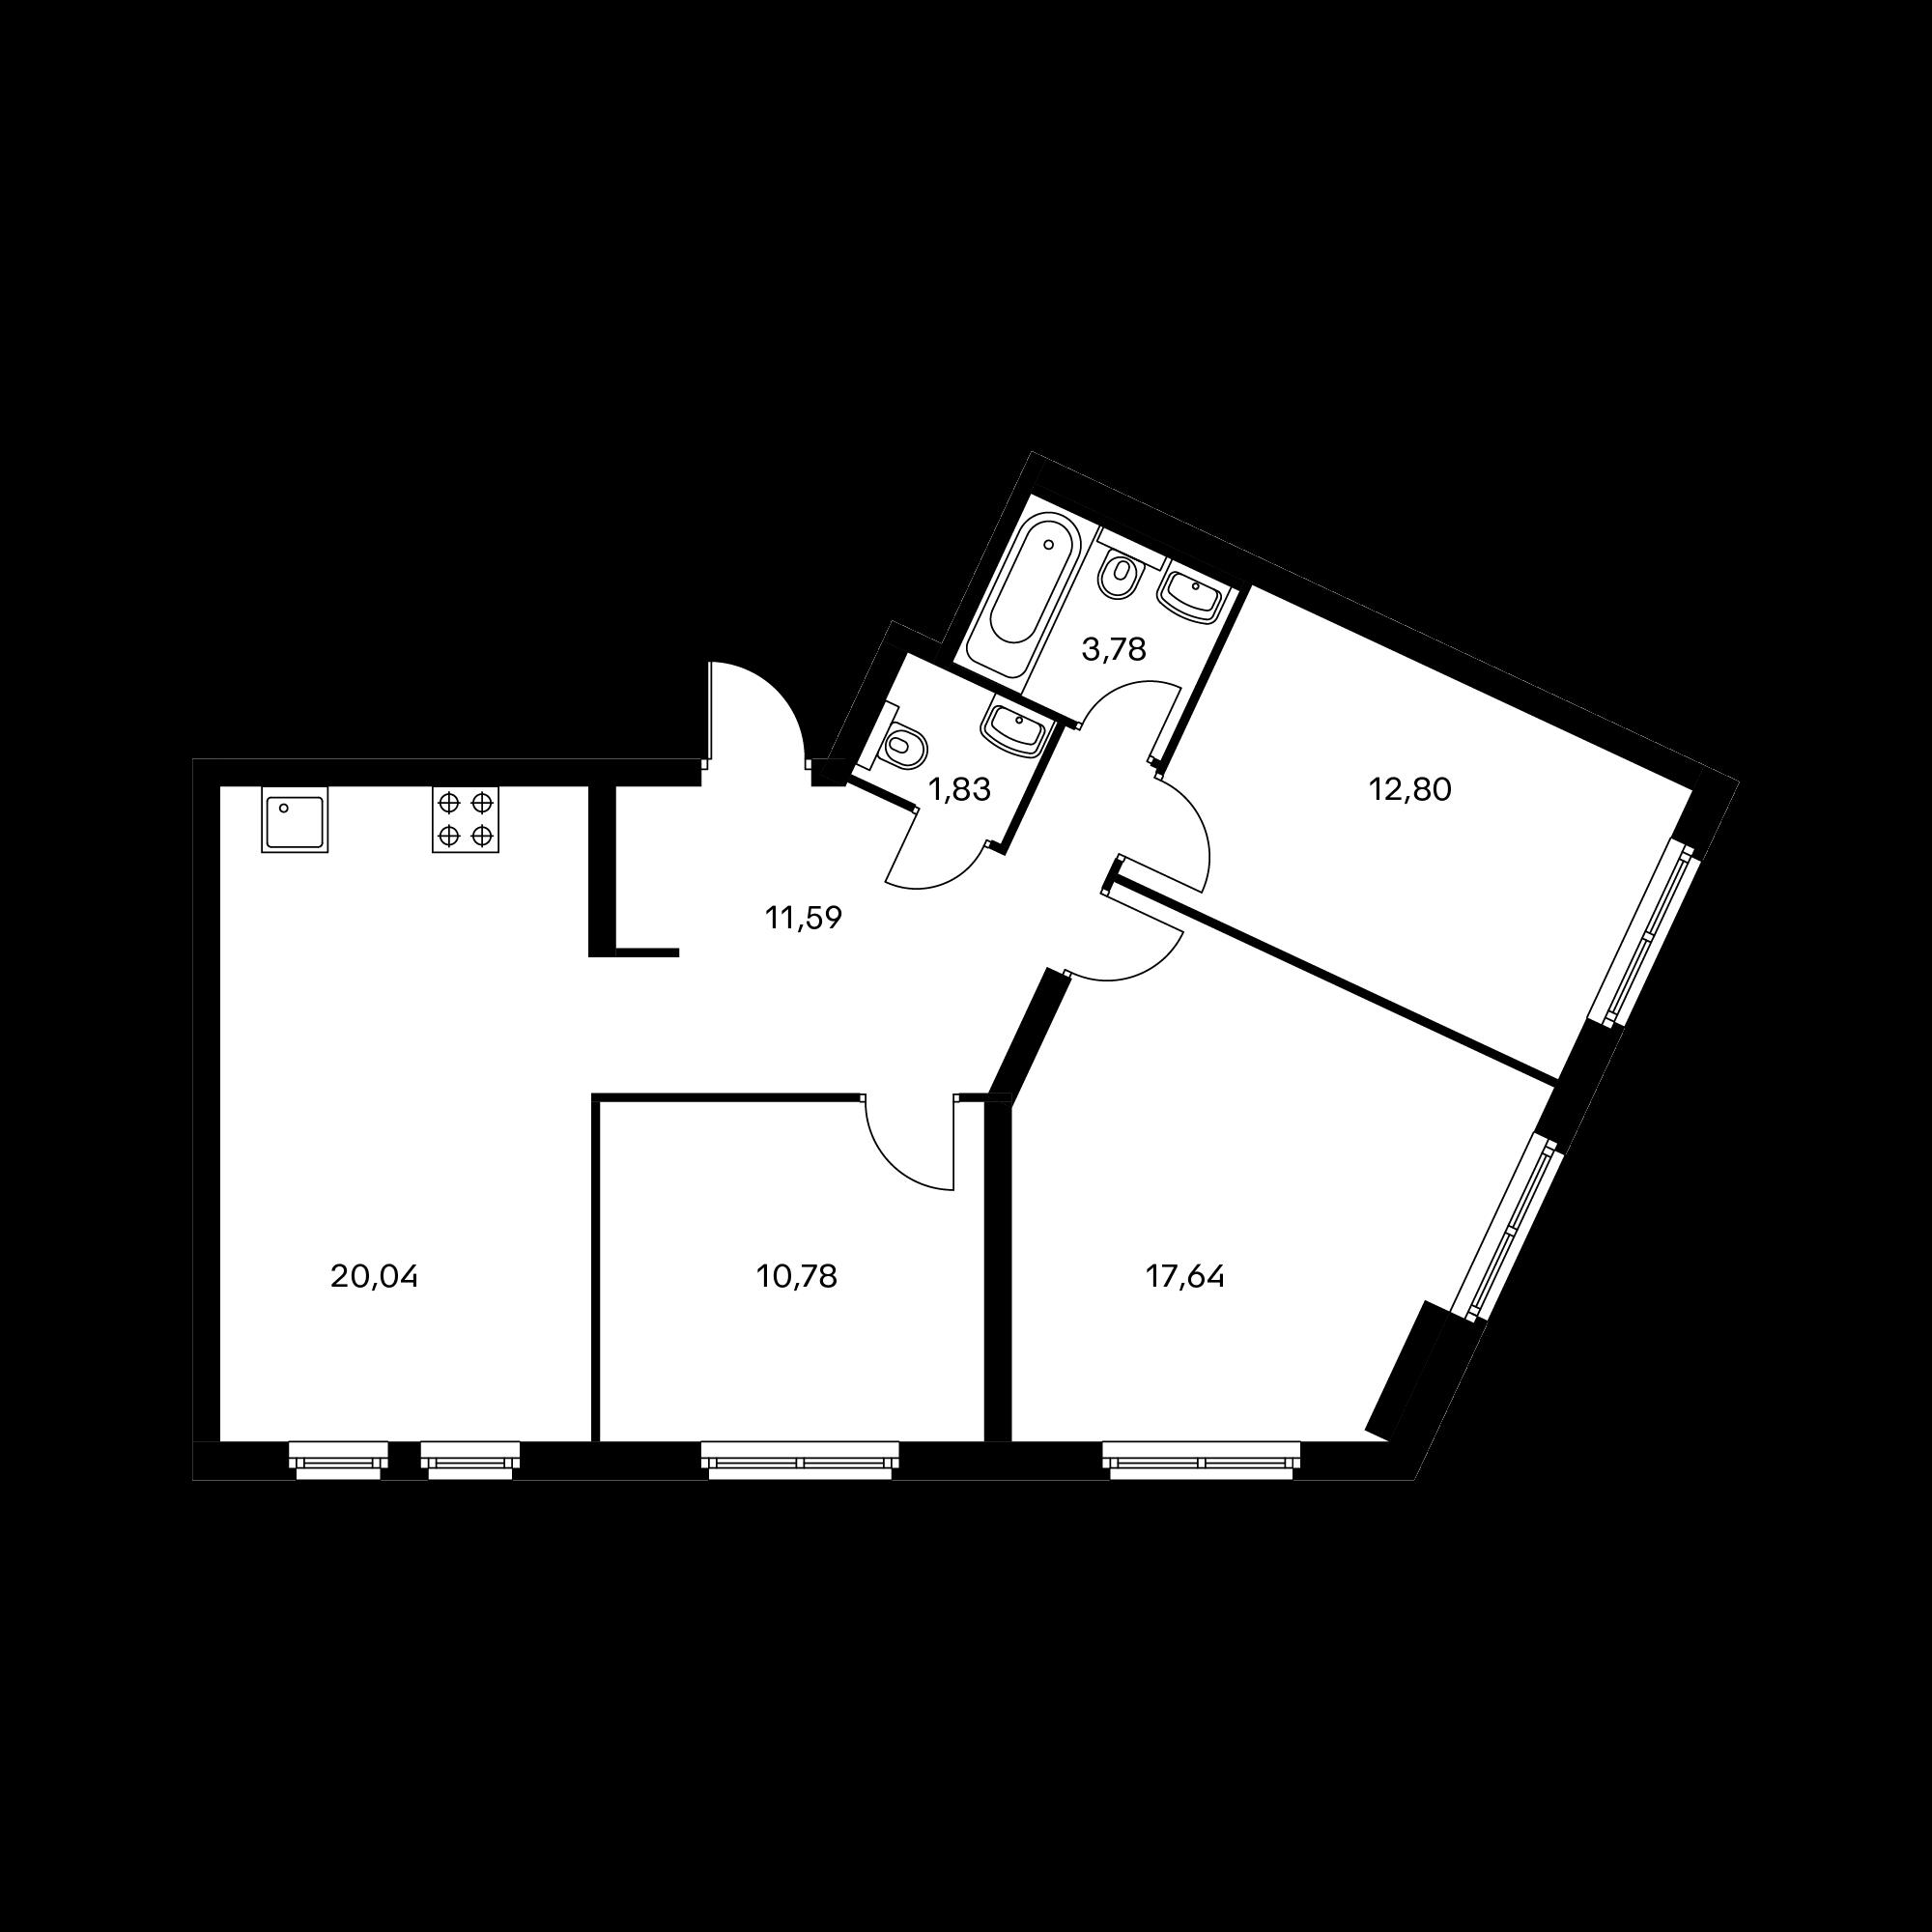 3EL1C